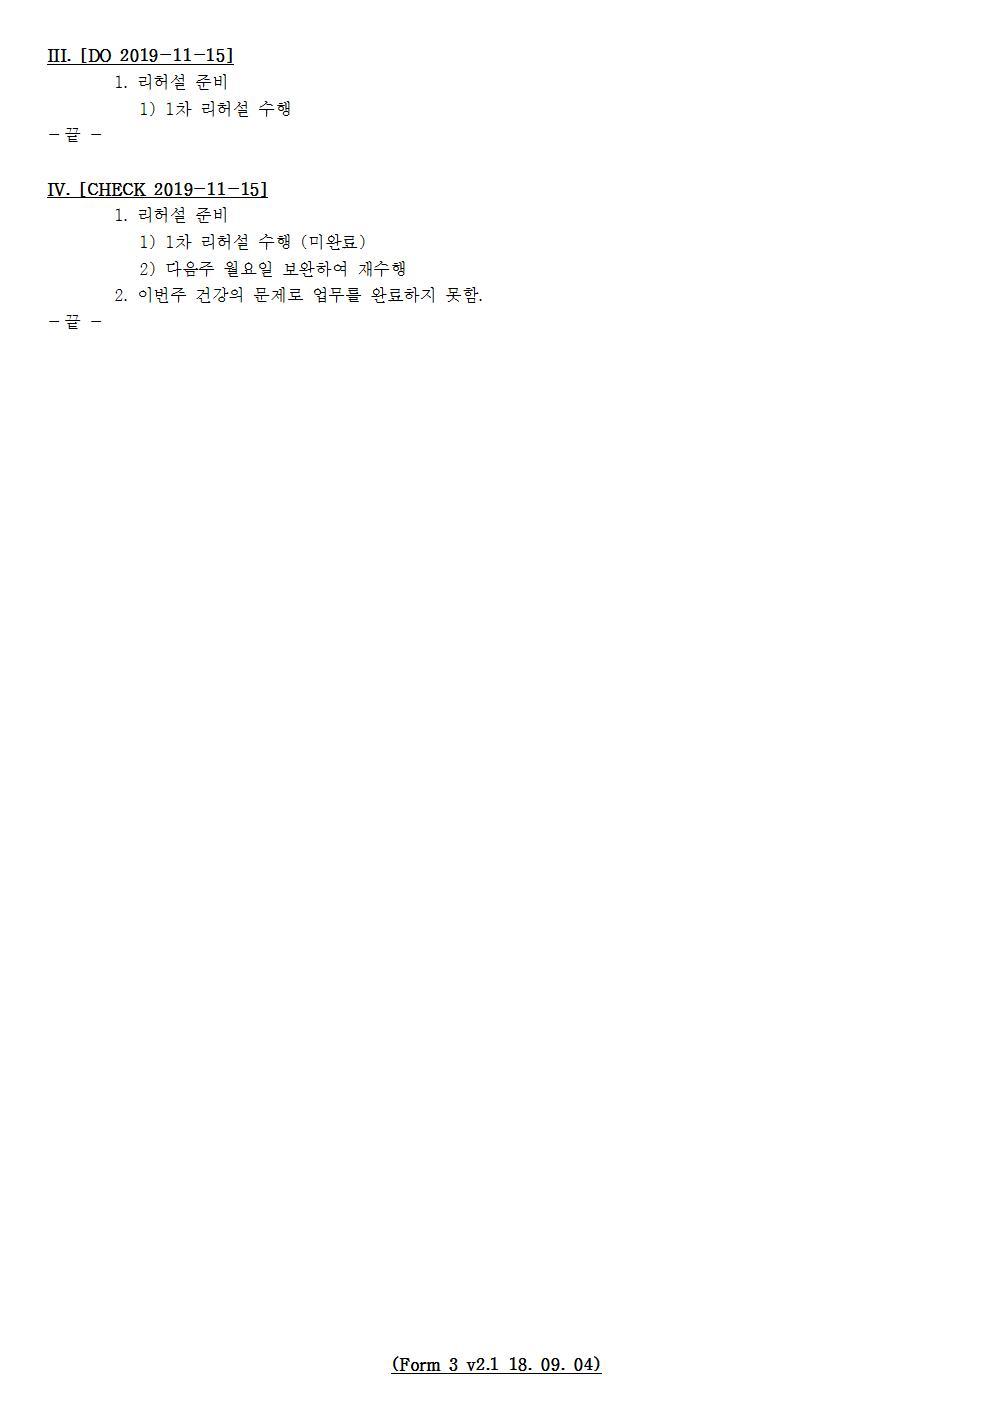 D-[19-009-PP-01]-[Conf-PoEM 2019]-[2019-11-15][JS]-[19-11-2]-[P+D+C]002.jpg